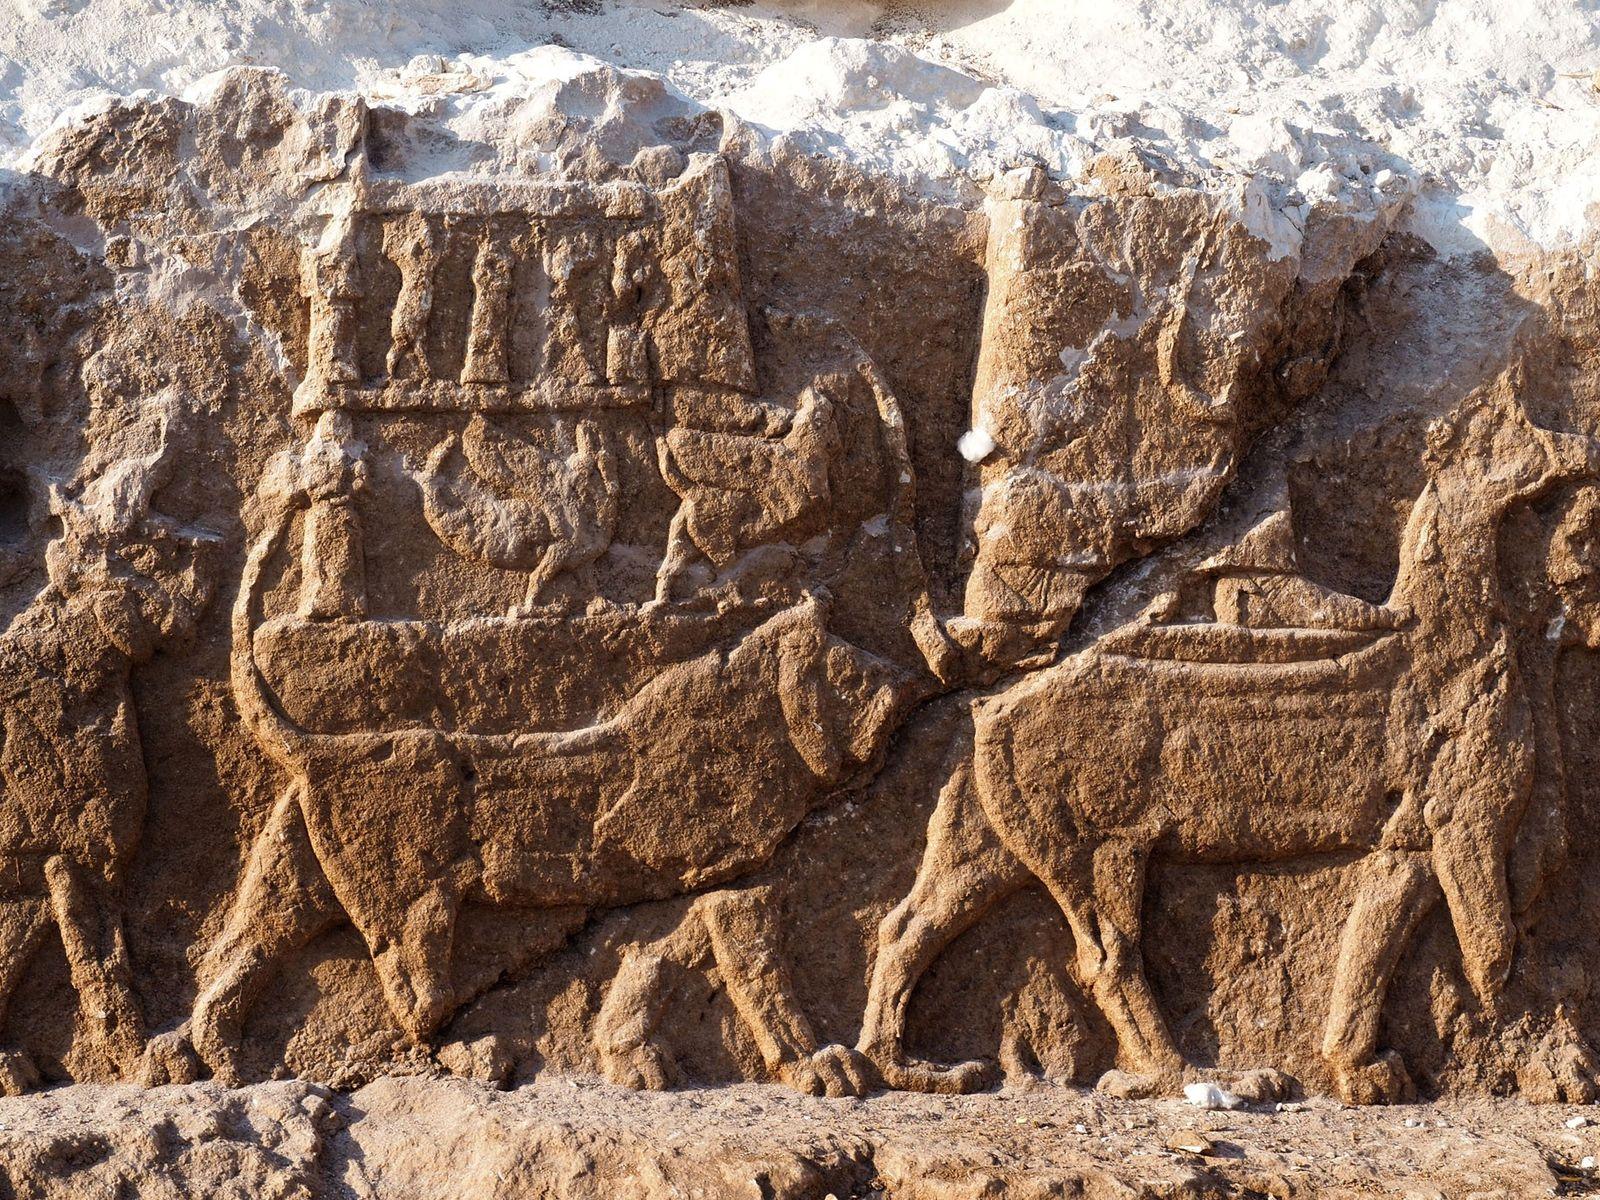 Estes relevos antigos, que raramente são encontrados fora dos palácios, retratam uma procissão de deuses assírios, ...